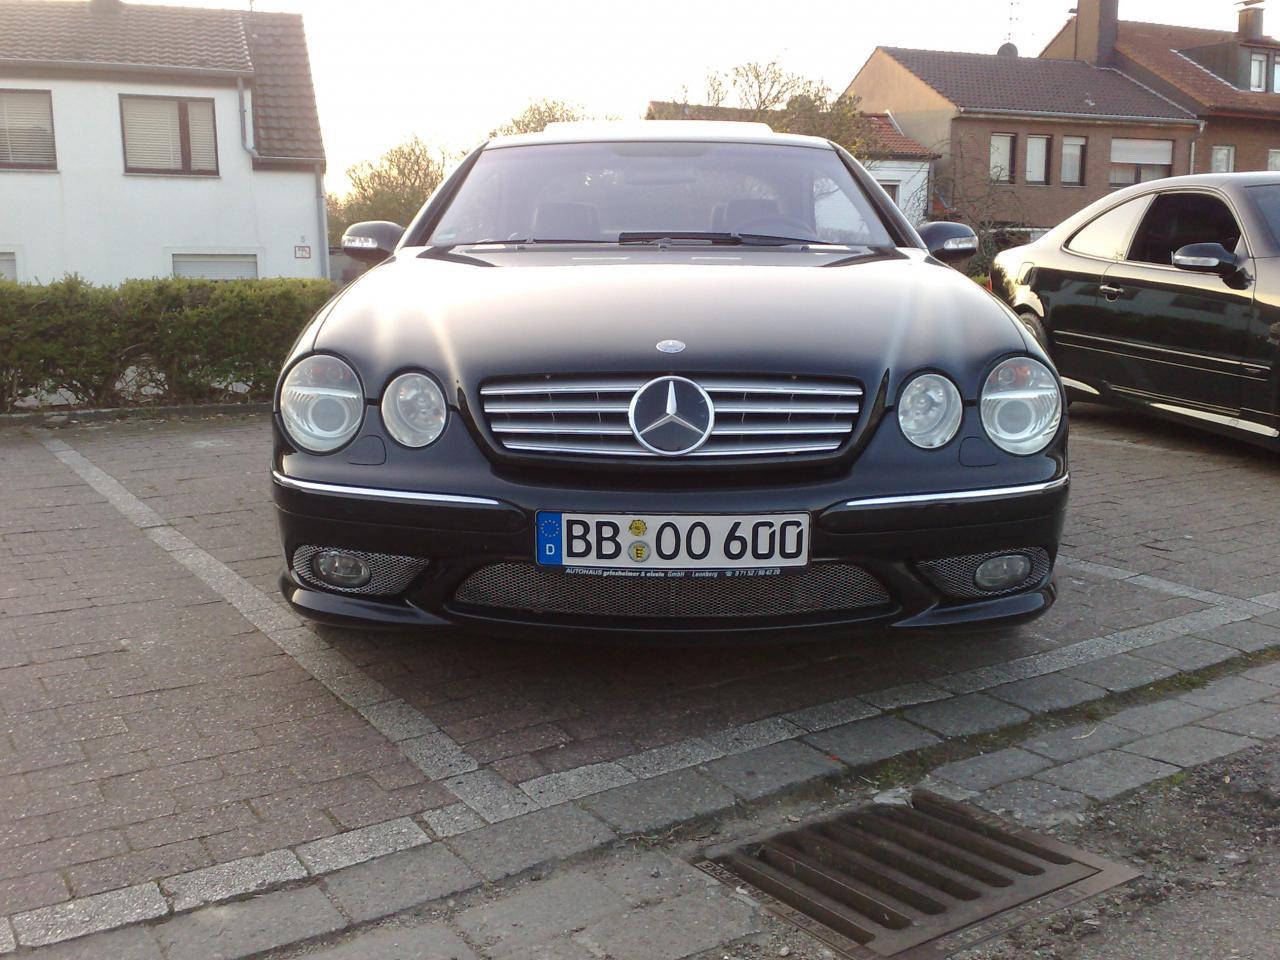 Garage von cl600amg 2009 2003 mercedes benz cl 600 biturbo for Mercedes benz garages